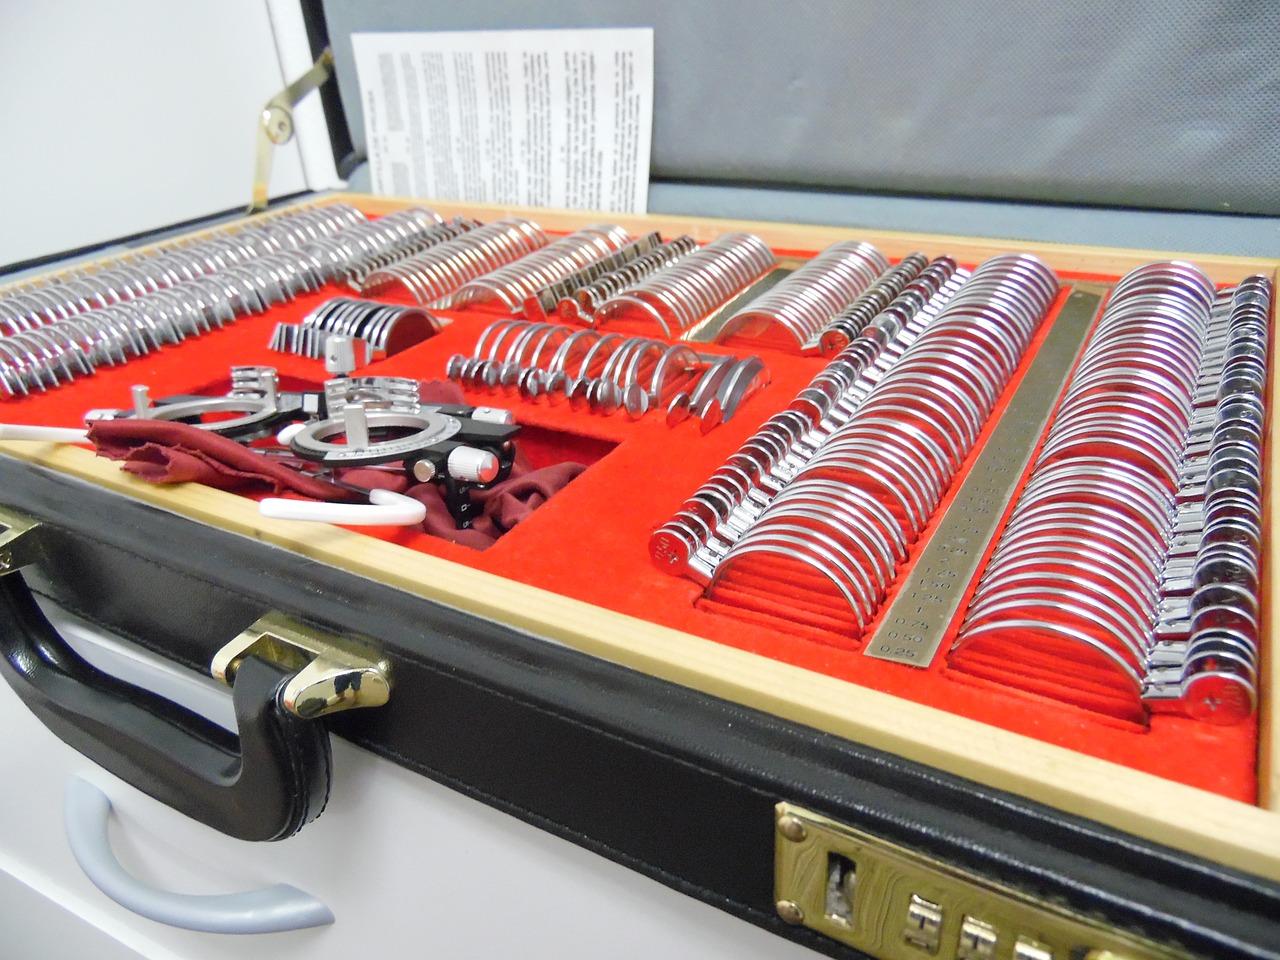 Trial lens set for lens transposition